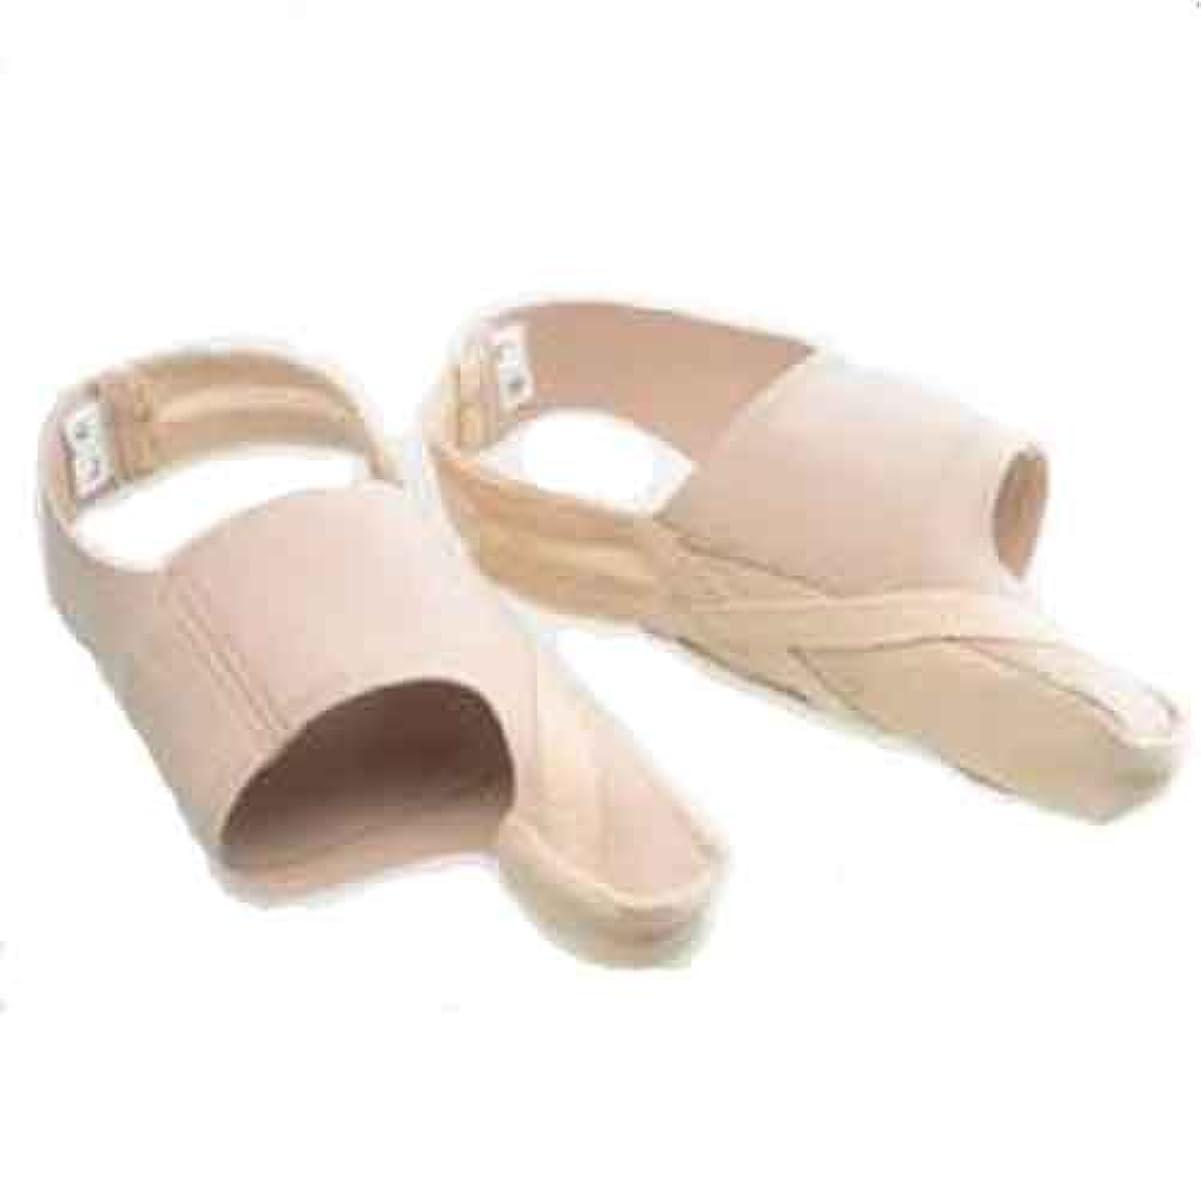 温度計とらえどころのない傾く外反母趾サポーター 【靴も履けるんデス 2足組 Mサイズ】